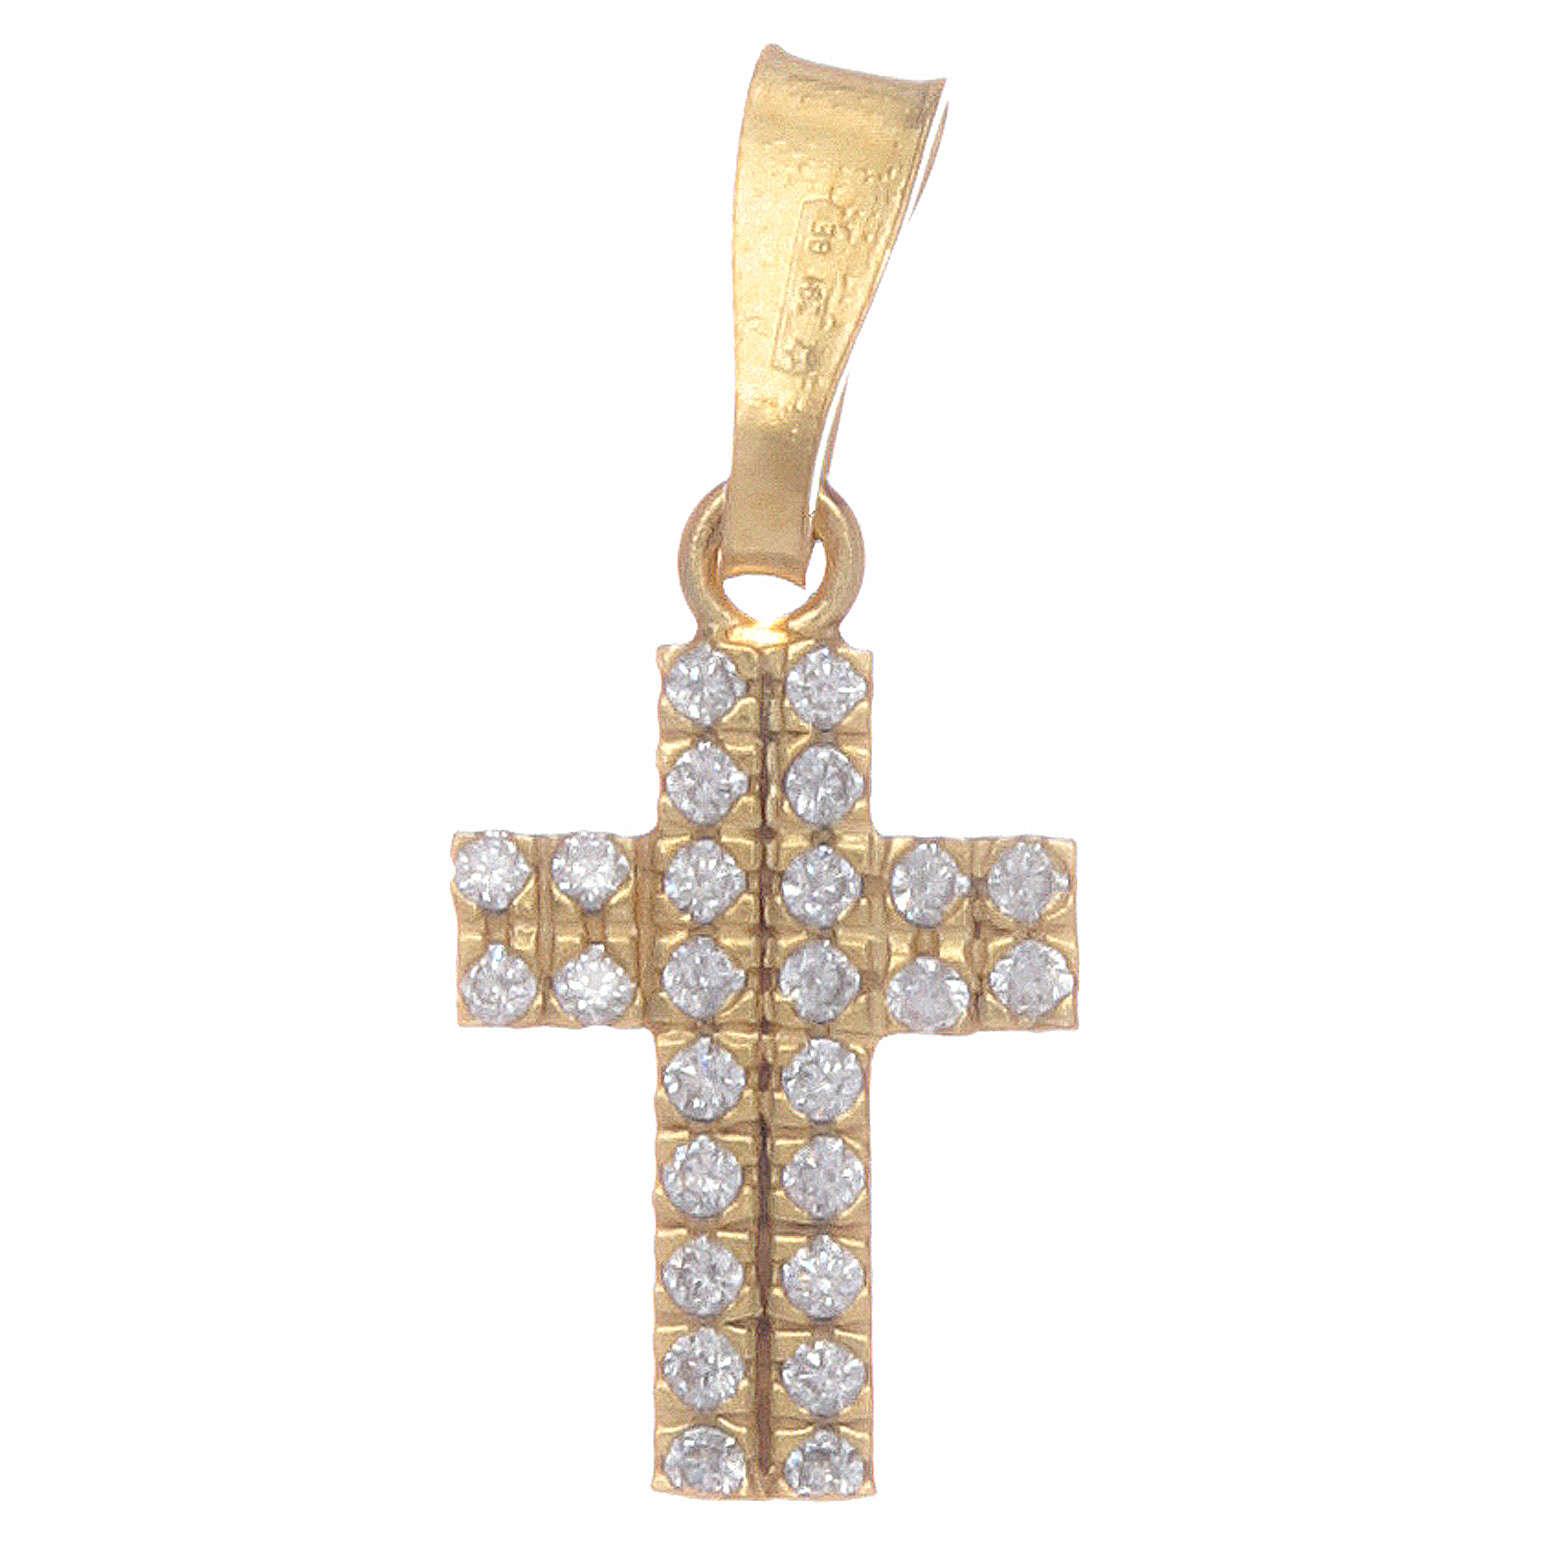 Croce dorata con zirconi trasparenti in Argento 925 4